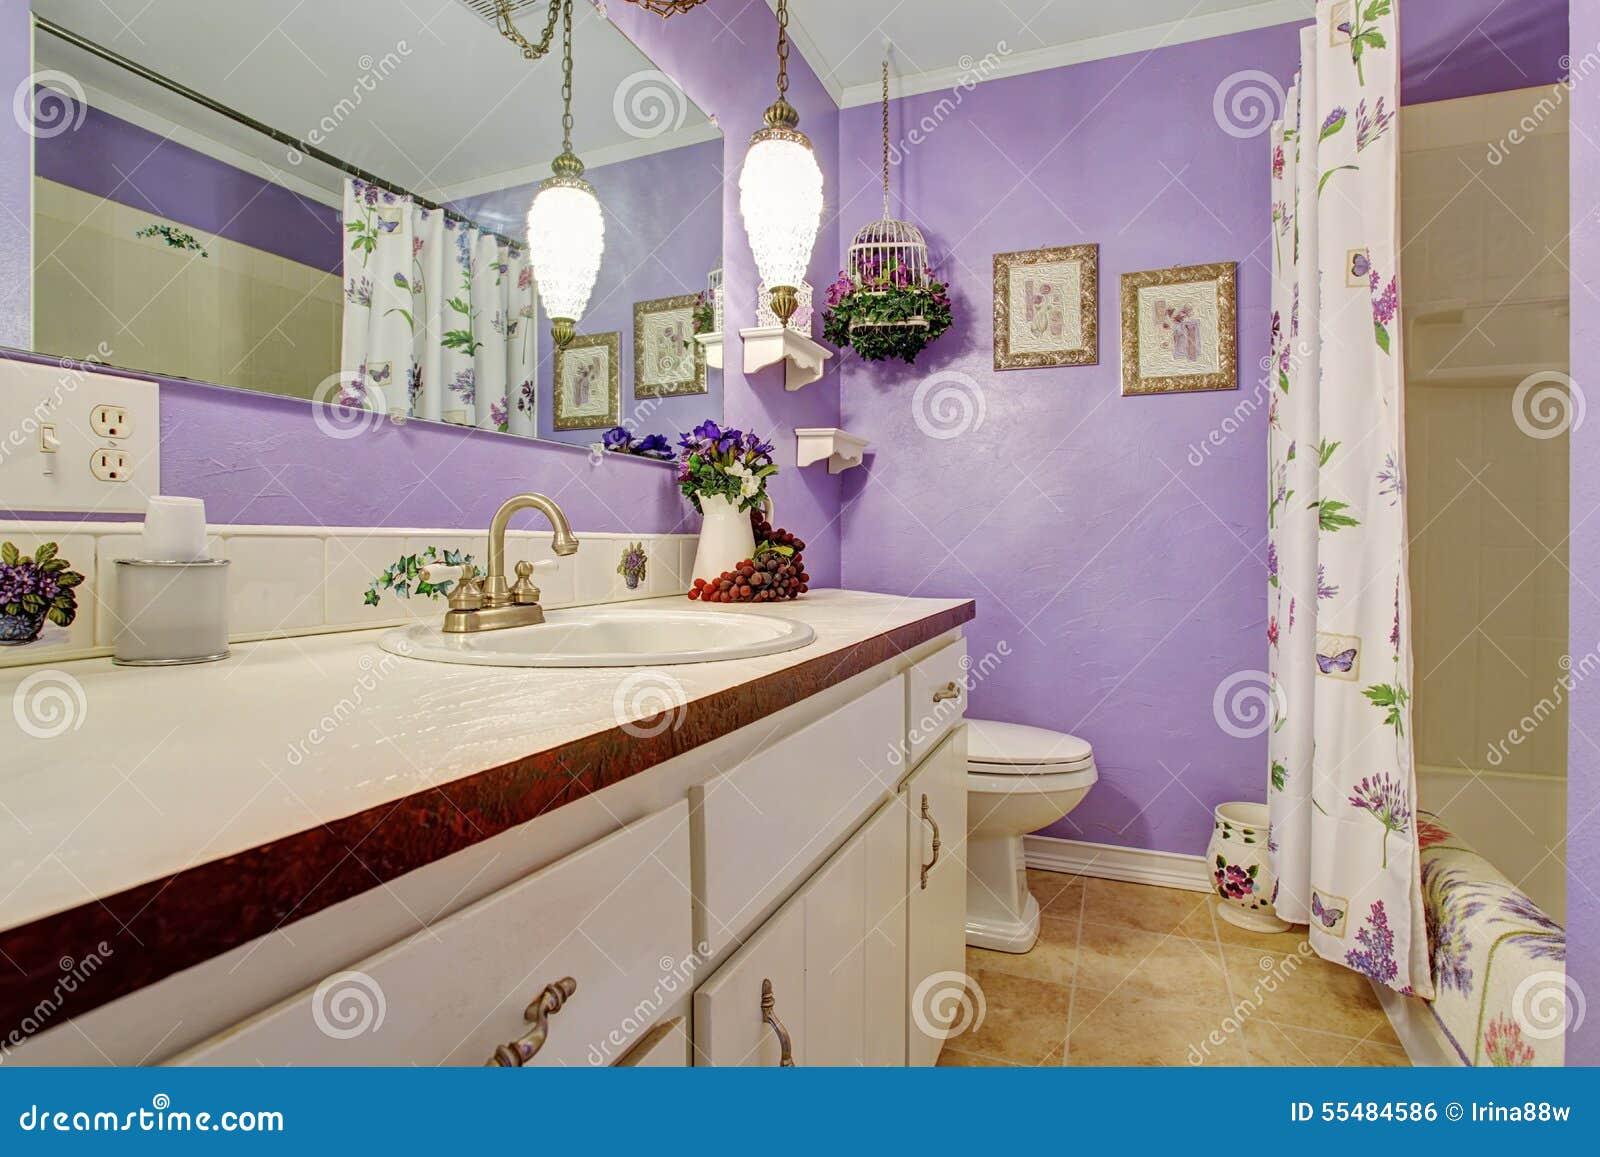 Cuartos De Bano Preciosos.Cuarto De Bano Tematico Purpura Precioso Foto De Archivo Imagen De